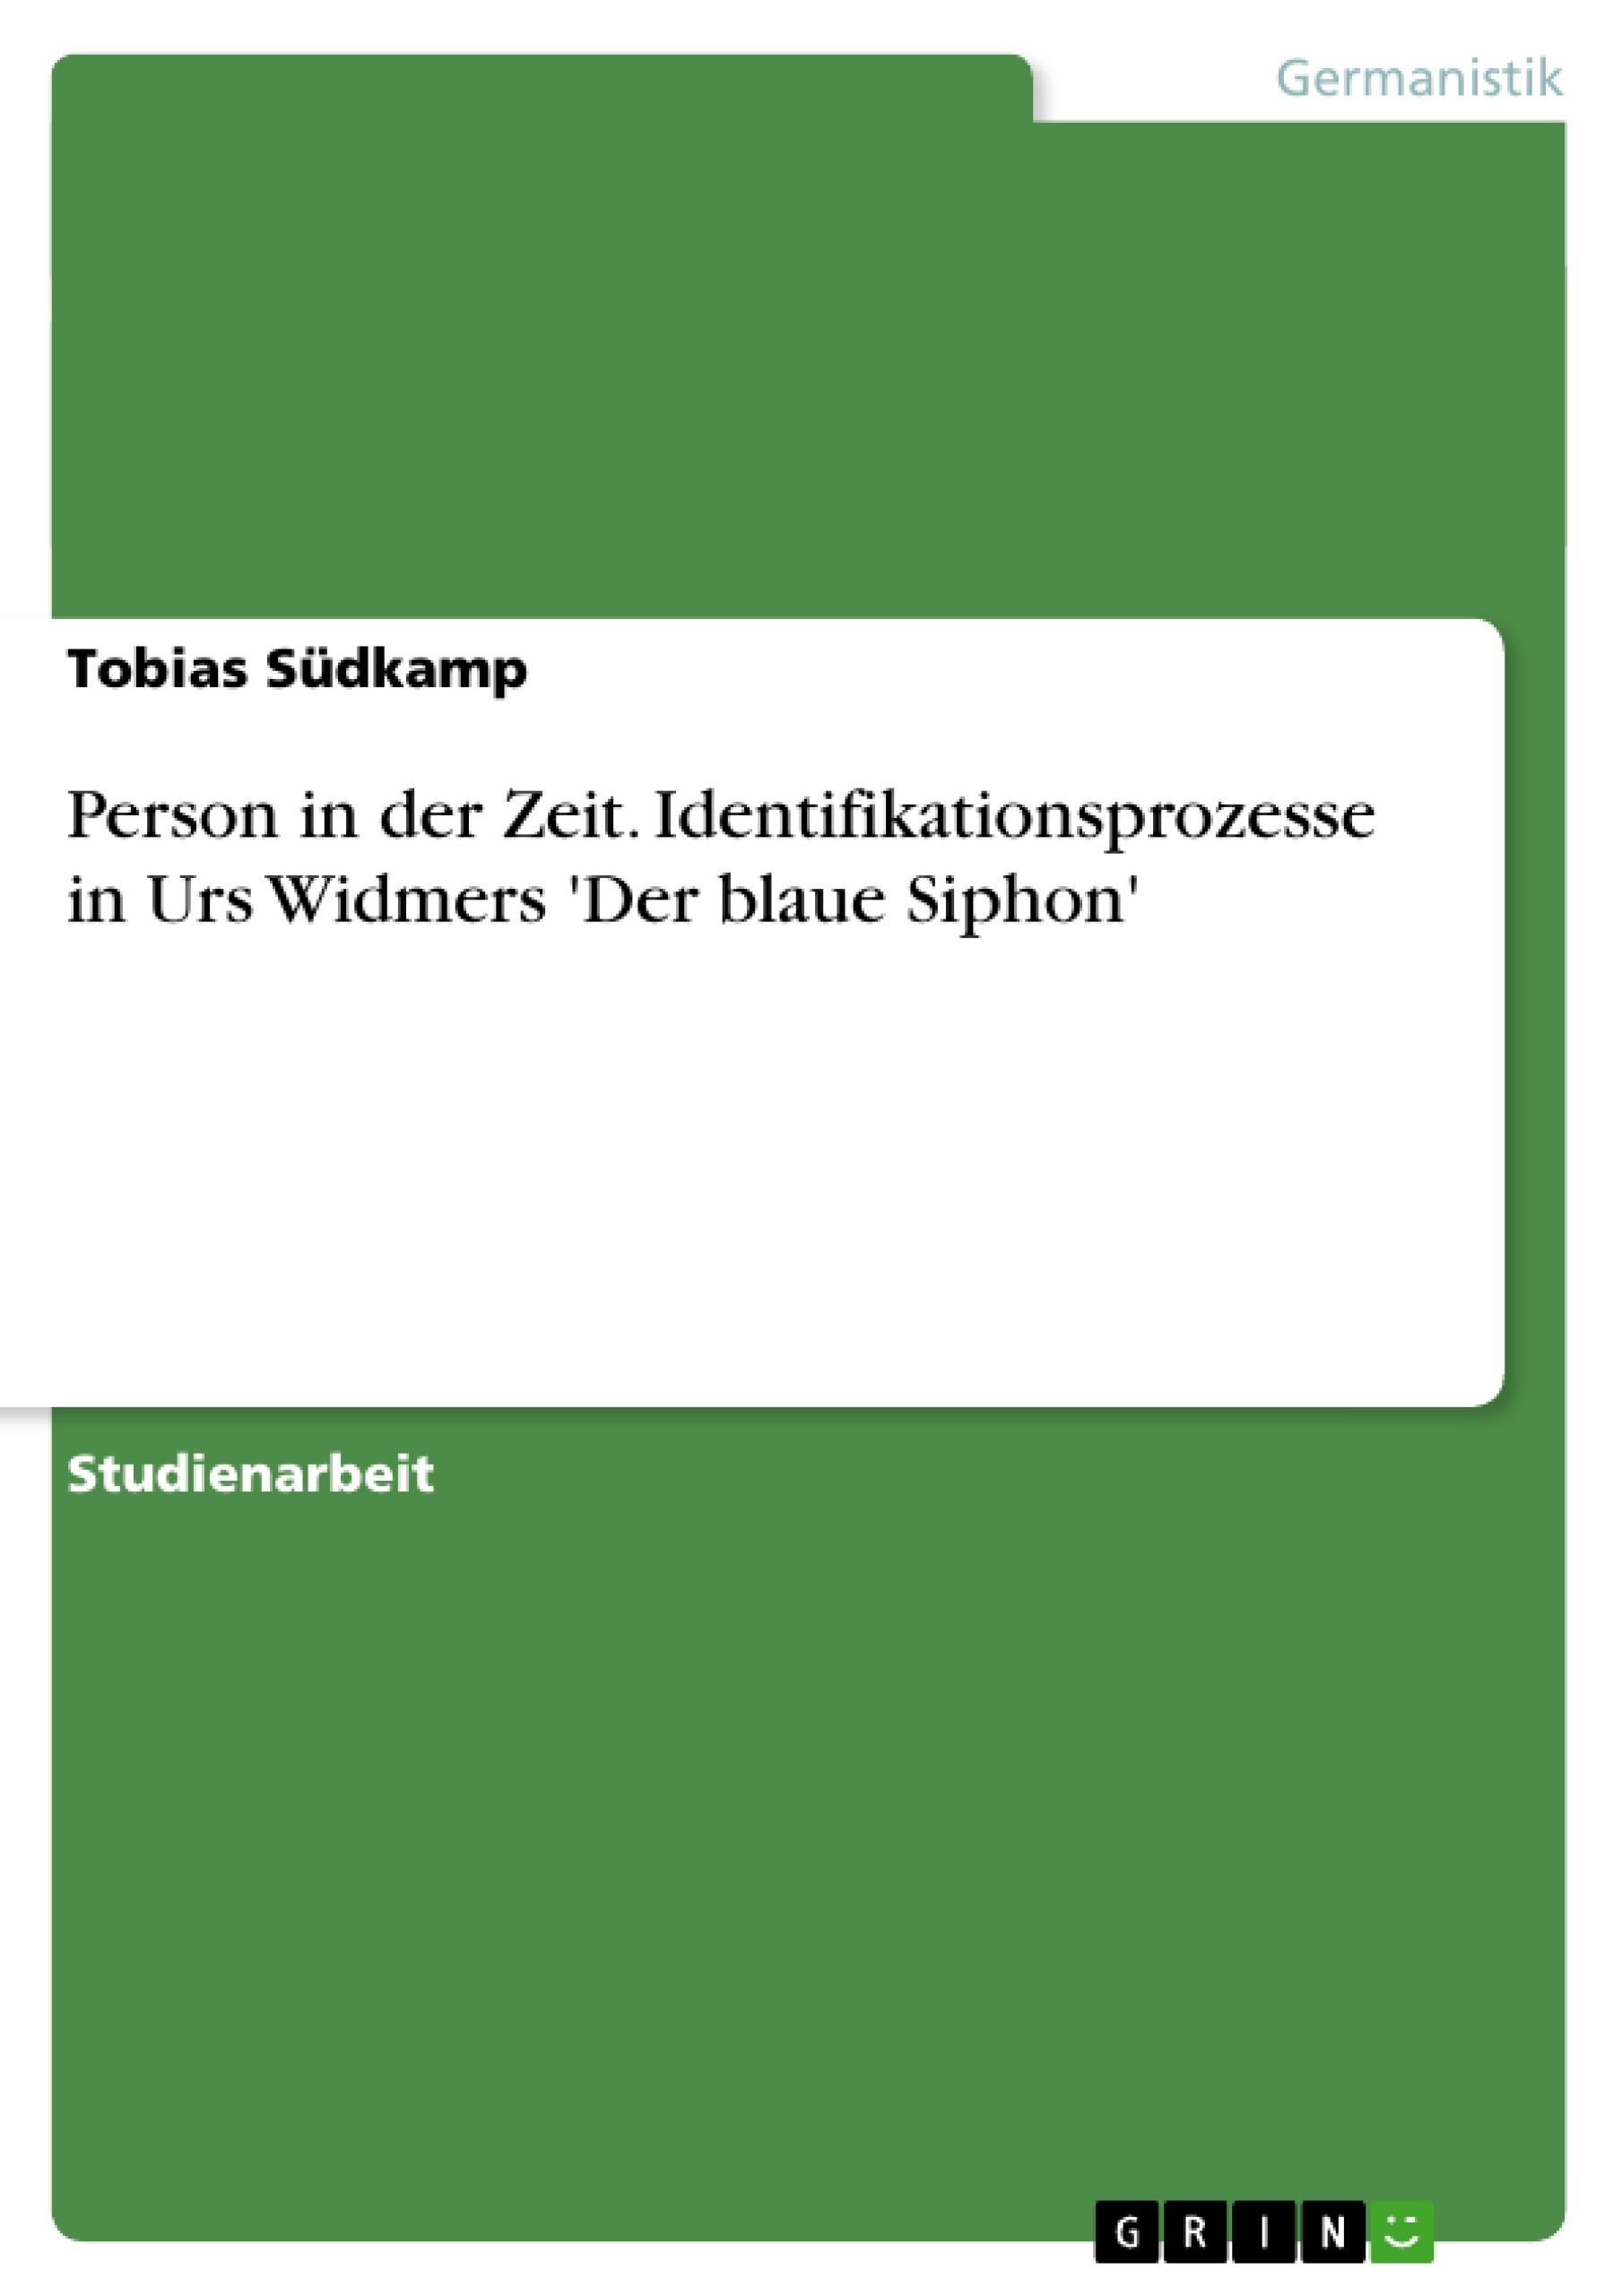 Titel: Person in der Zeit. Identifikationsprozesse in Urs Widmers 'Der blaue Siphon'